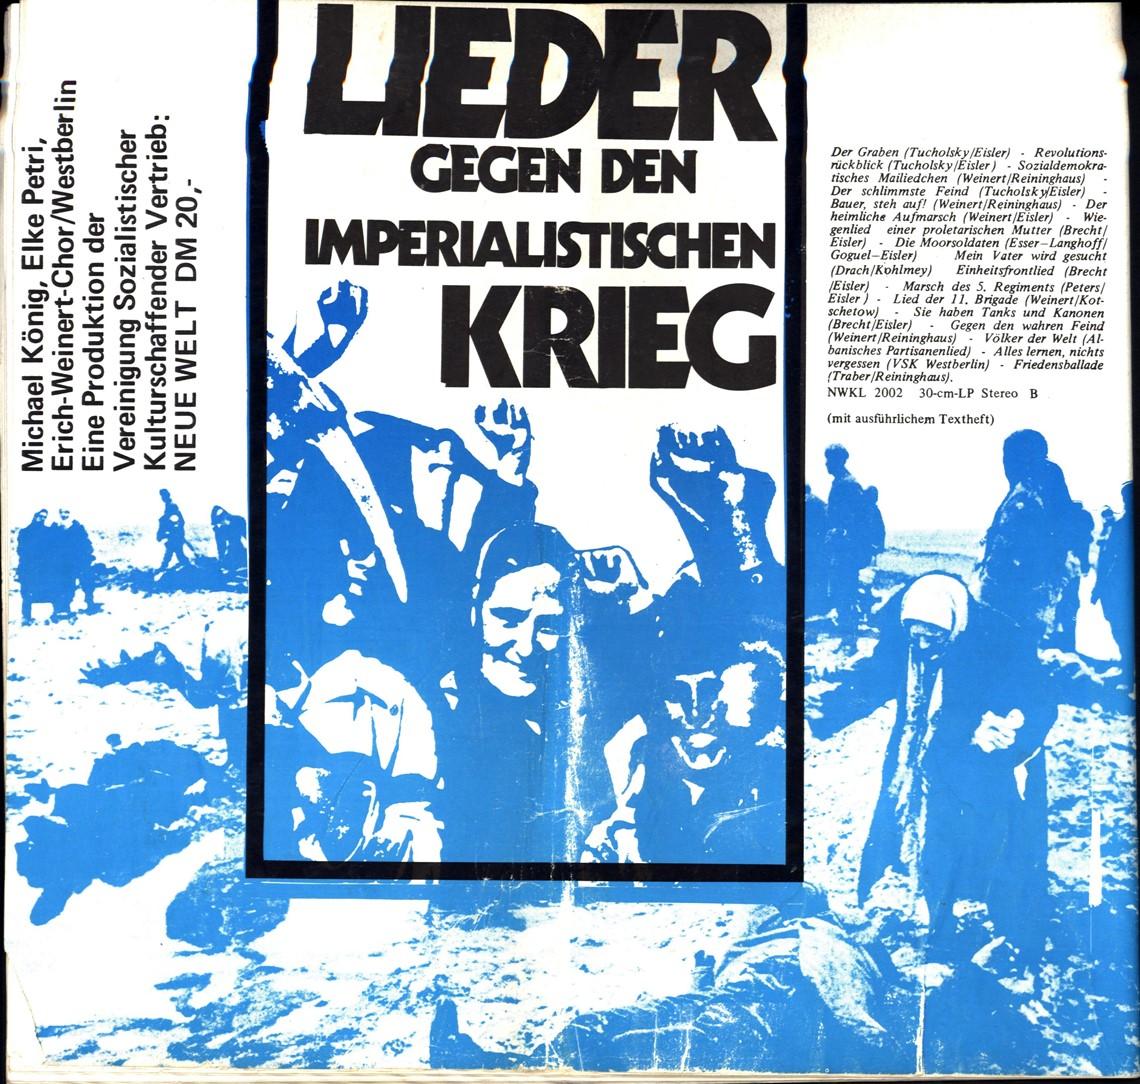 VSK_Kaempfende_Kunst_19760900_36